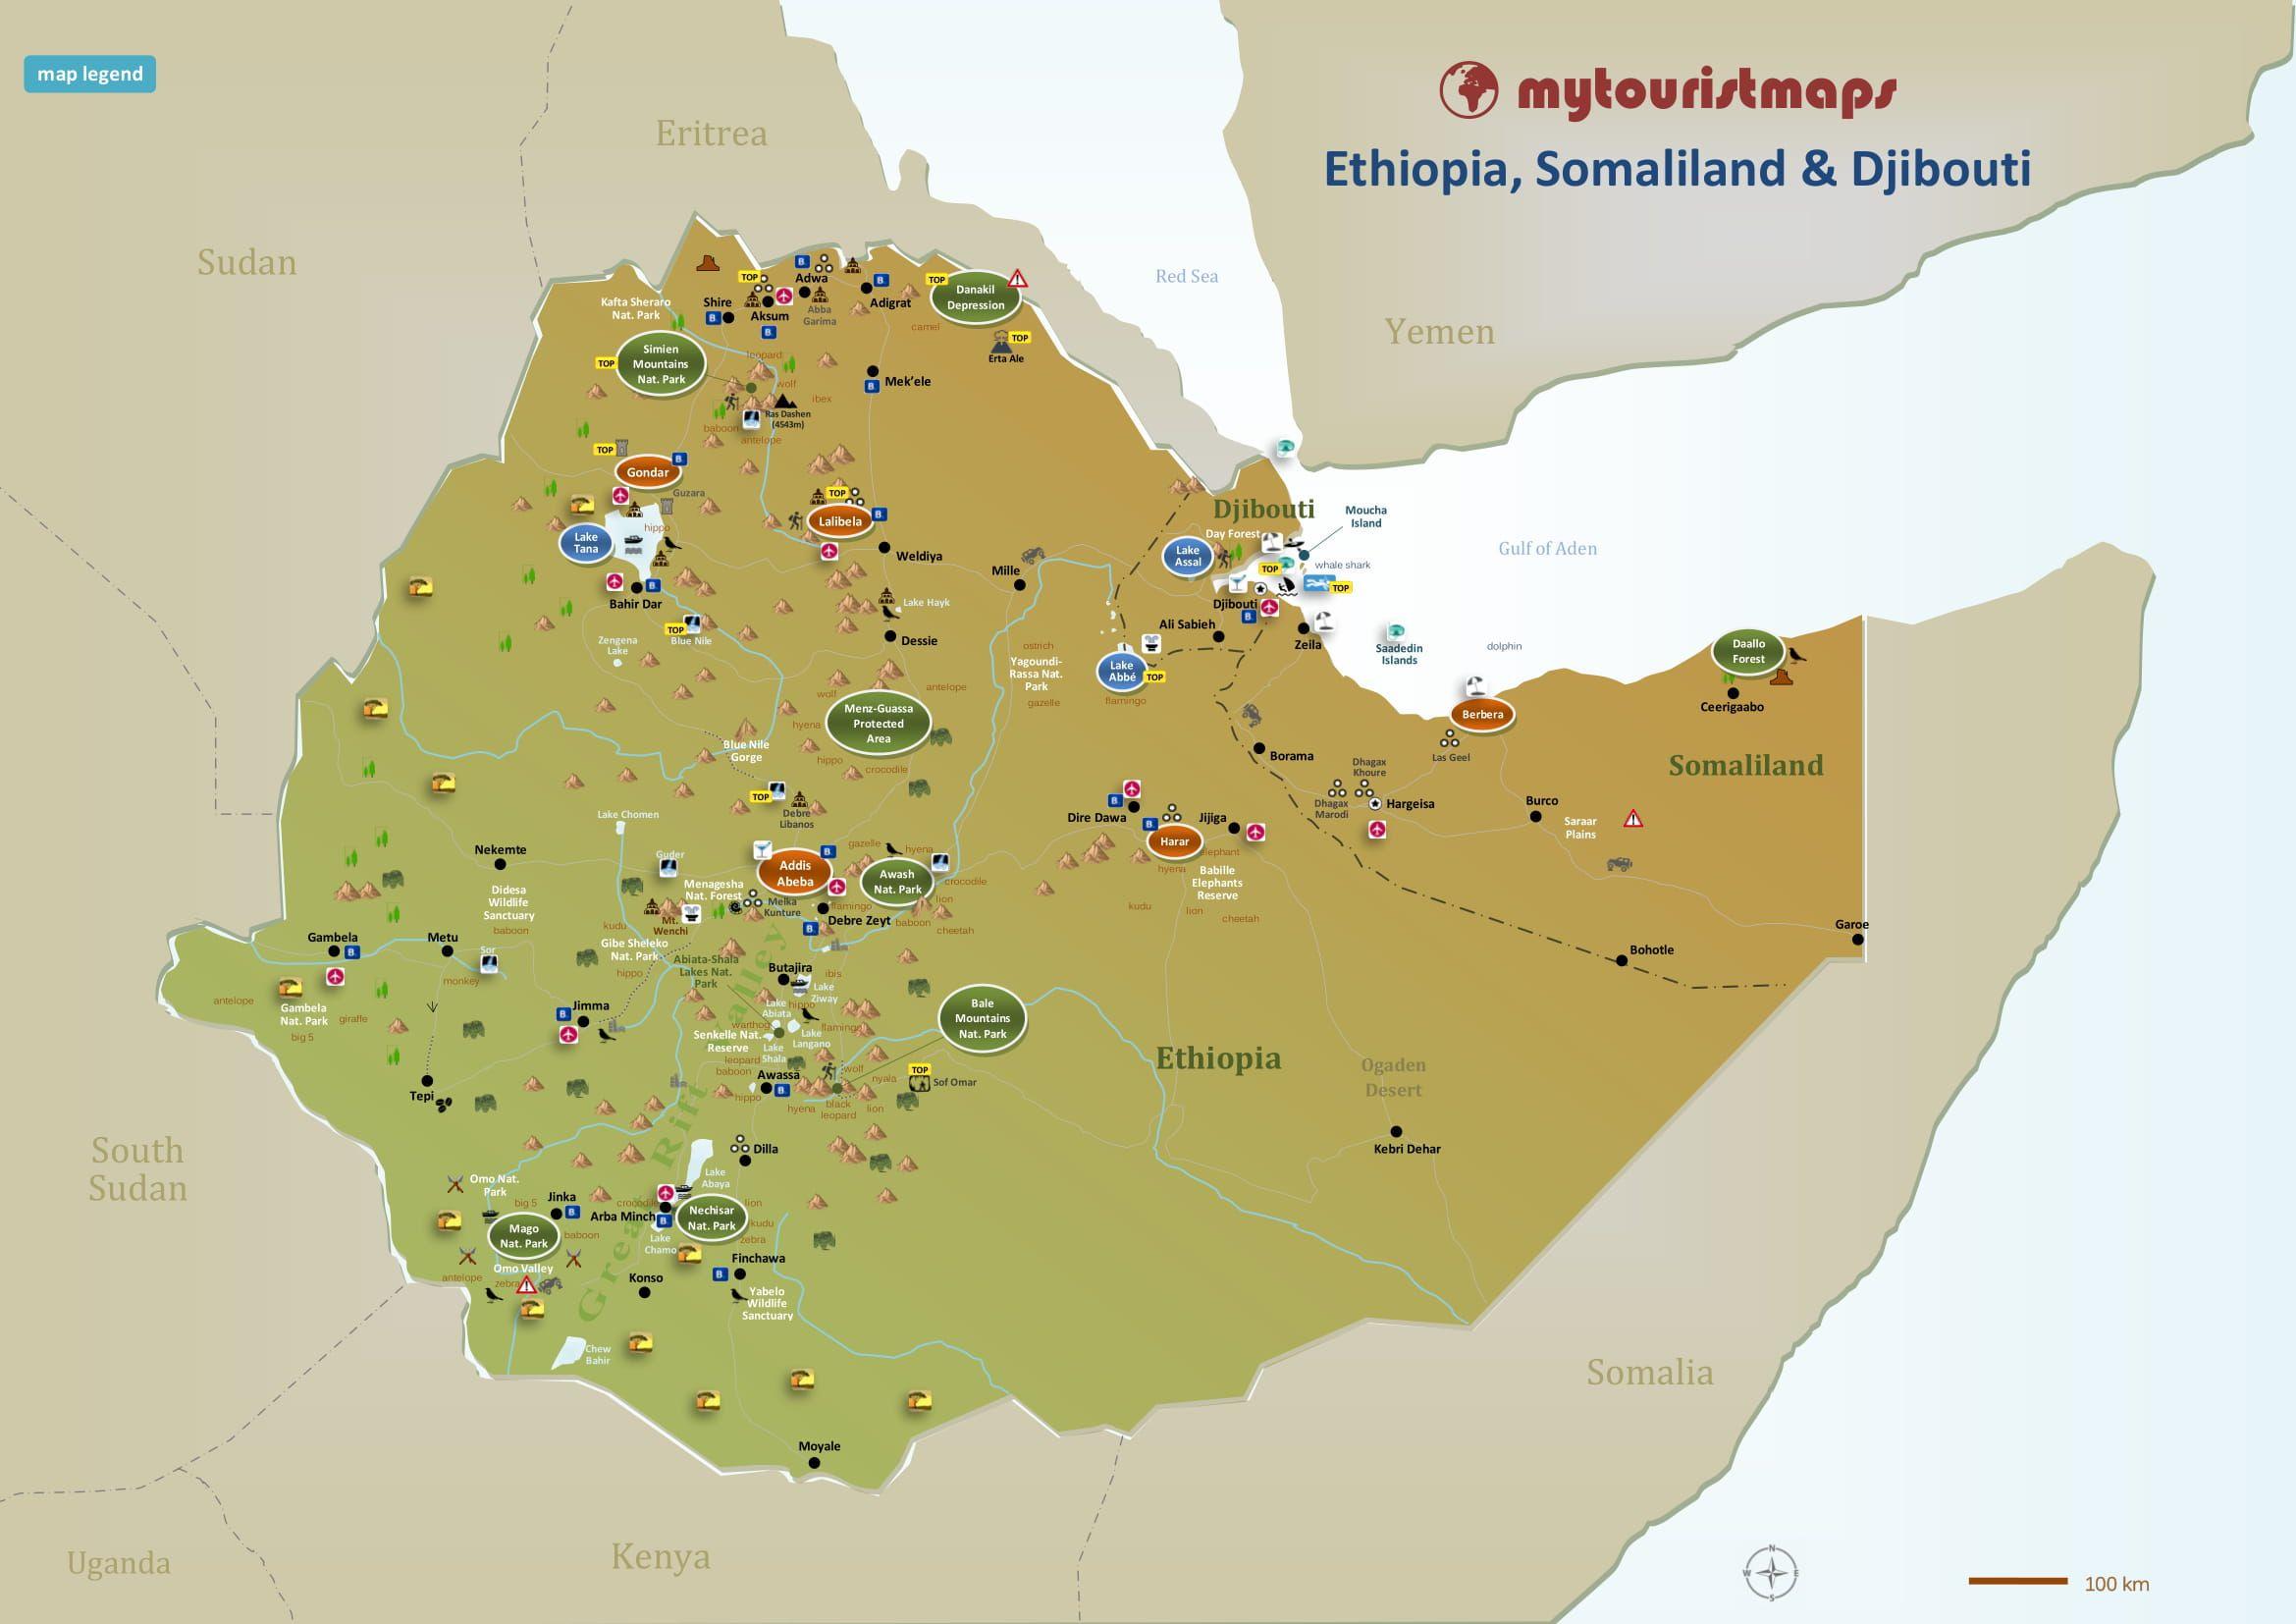 Tourist Map Of Ethiopia Somaliland Djibouti Mytouristmaps Com Tourist Map Tourist Travel Maps